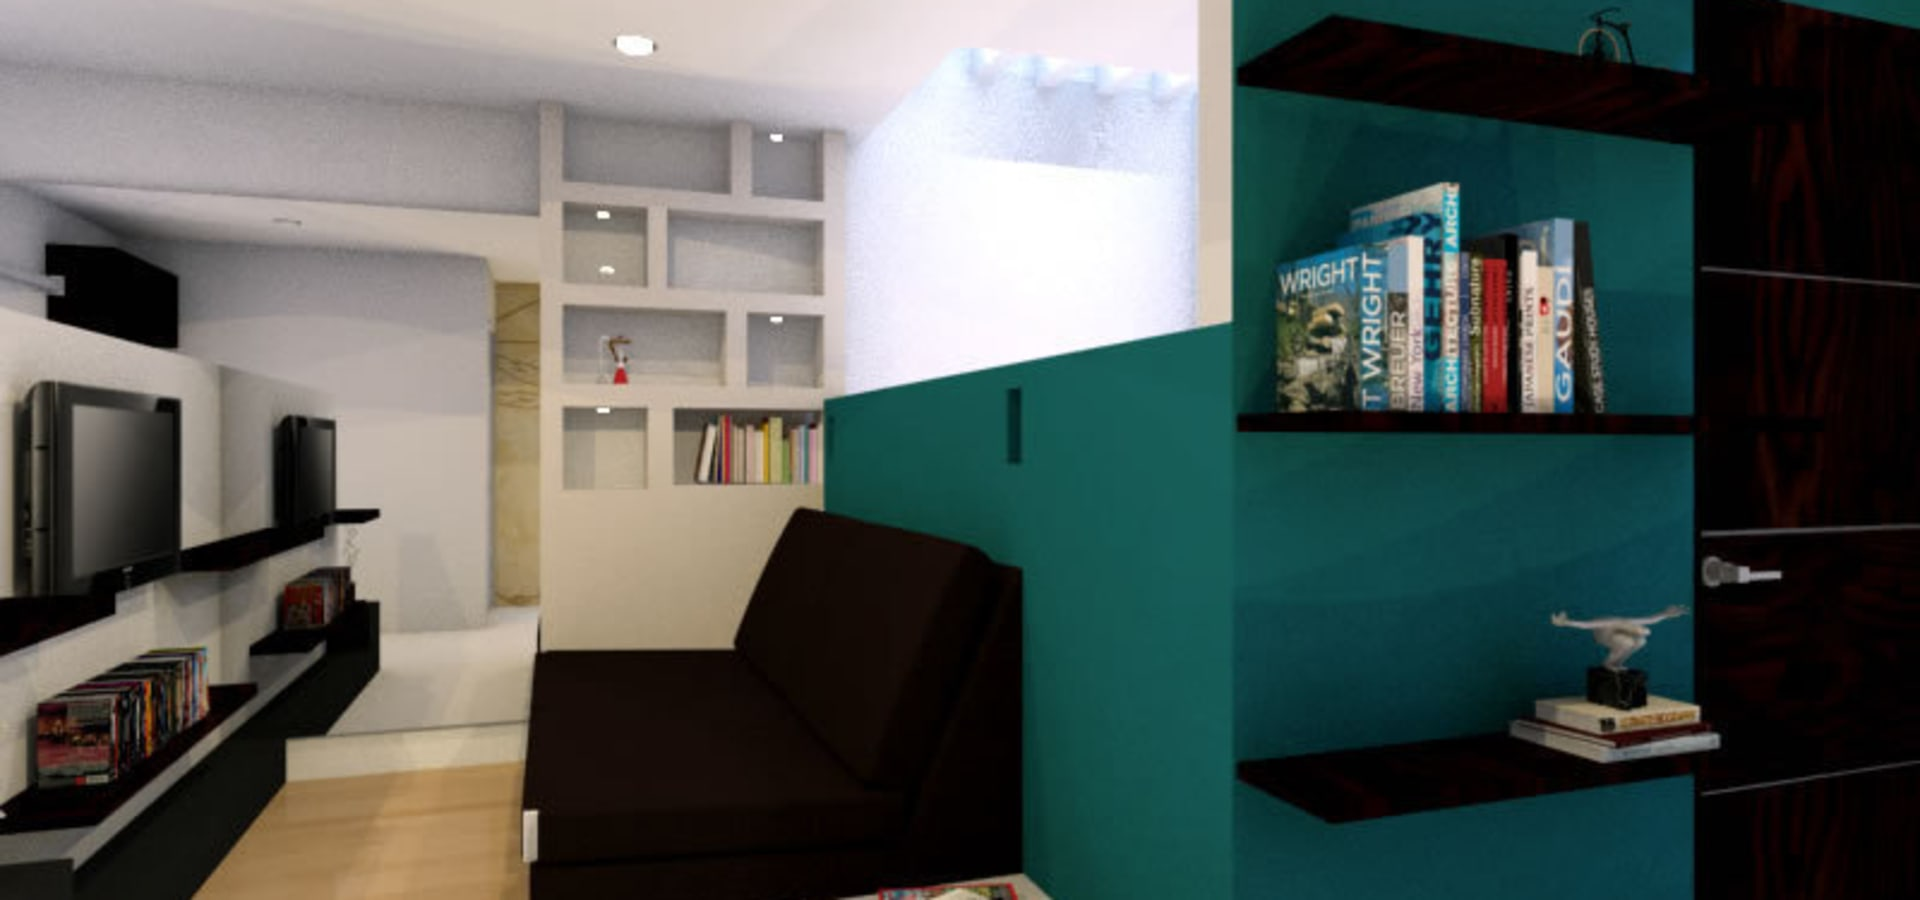 Efrain Monroy – Estudio: MNY Arquitectura y Construcción